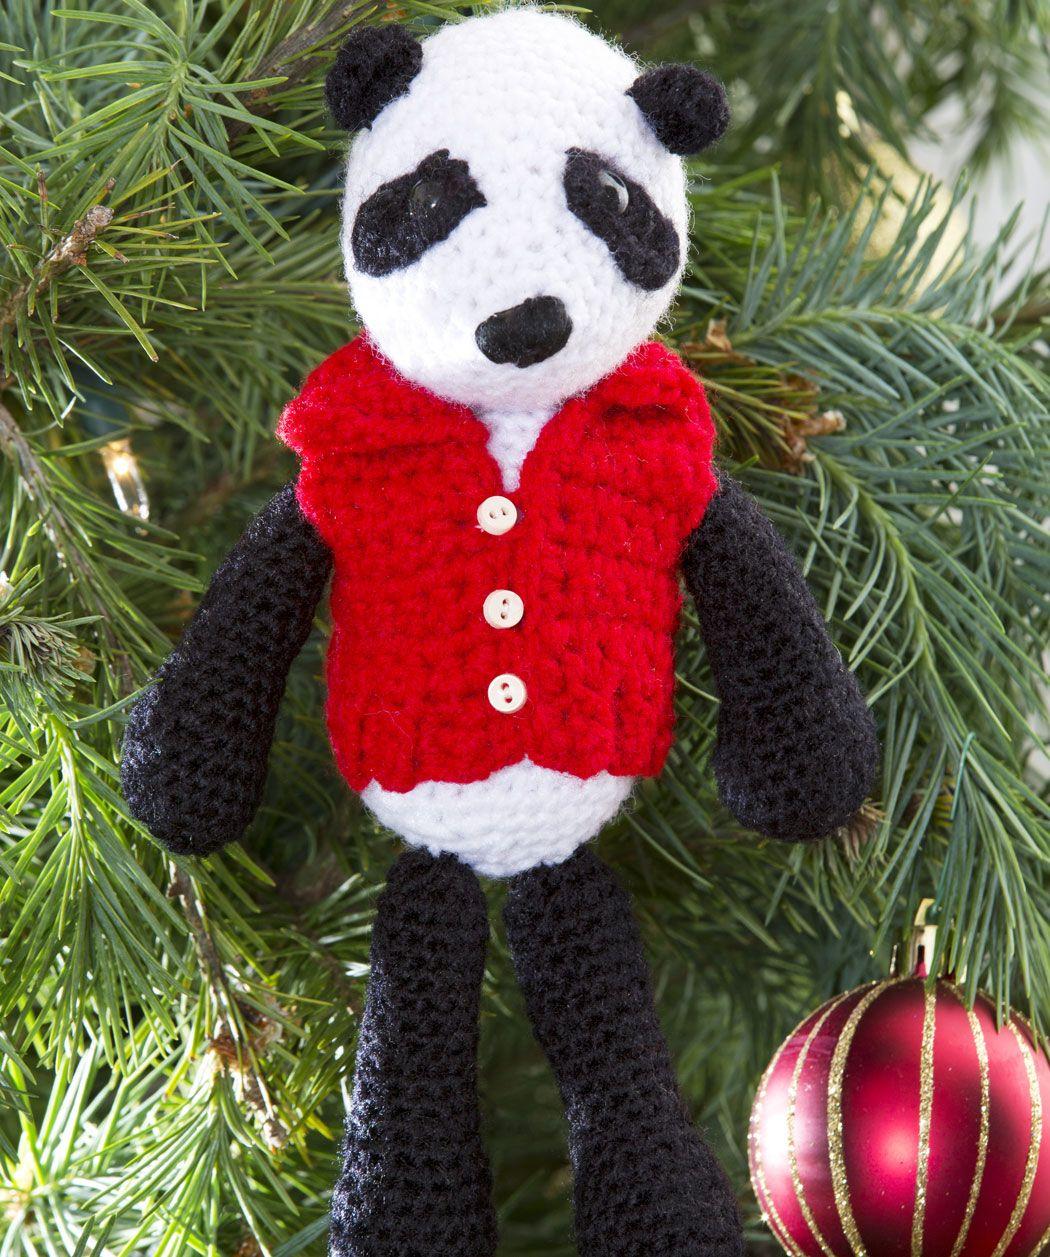 Pandabär mit Weste | Tiere häkeln, stricken und nähen | Pinterest ...